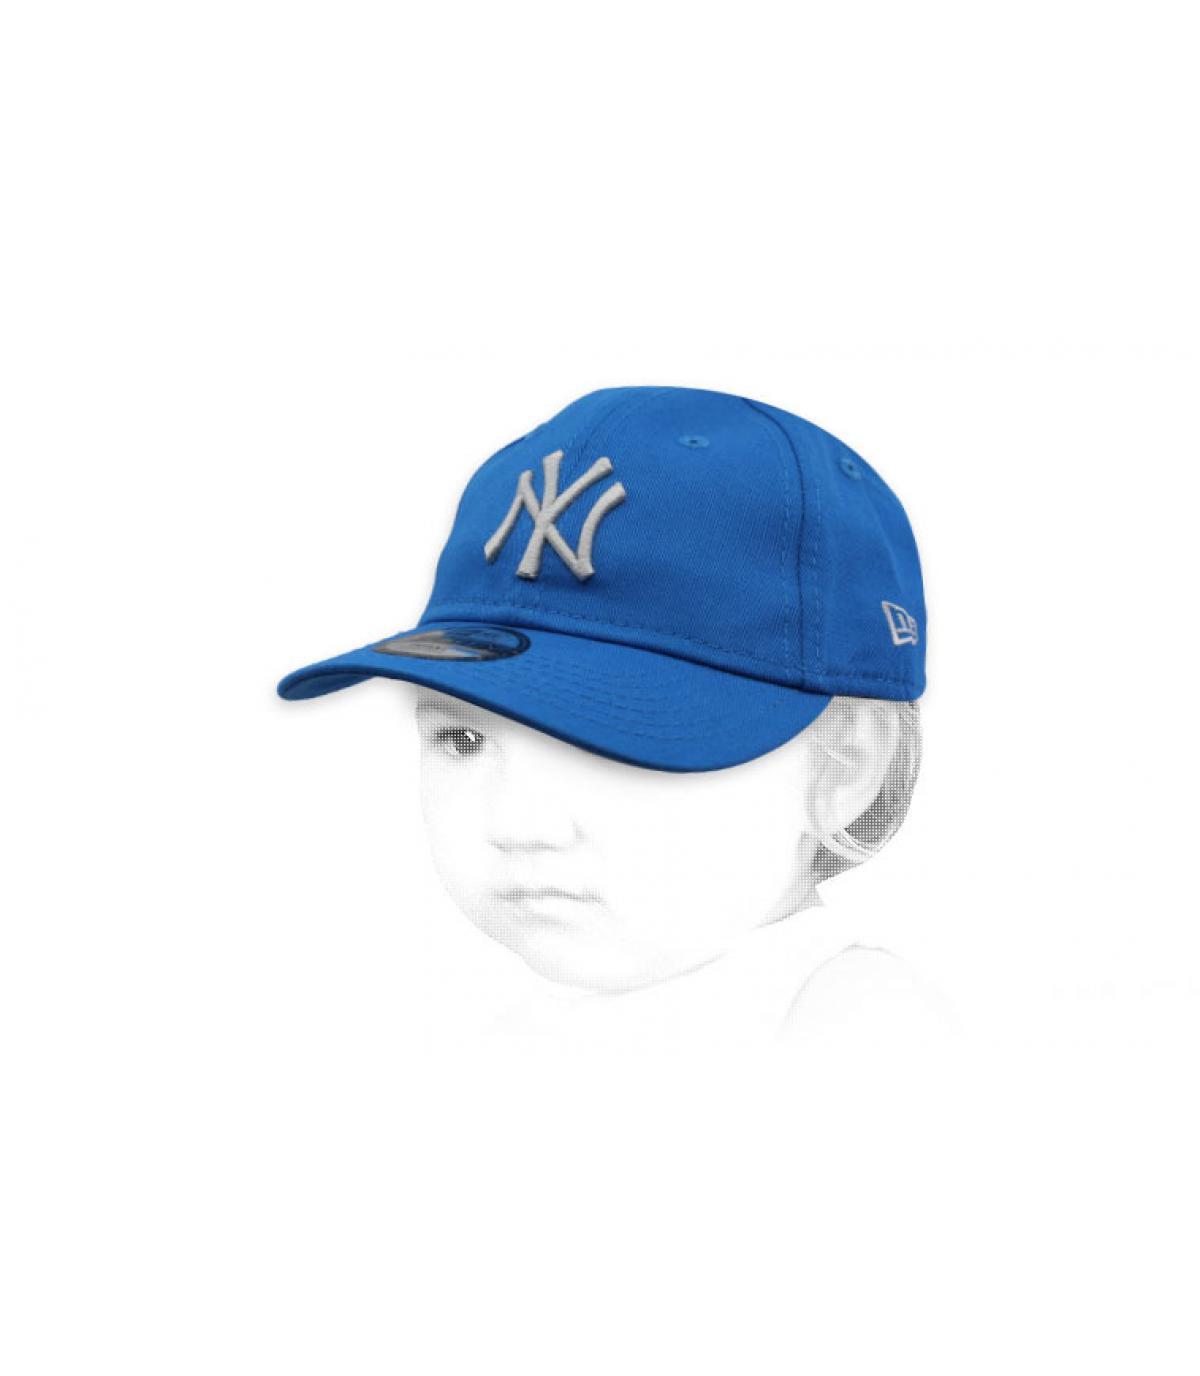 blauwe NY baby cap